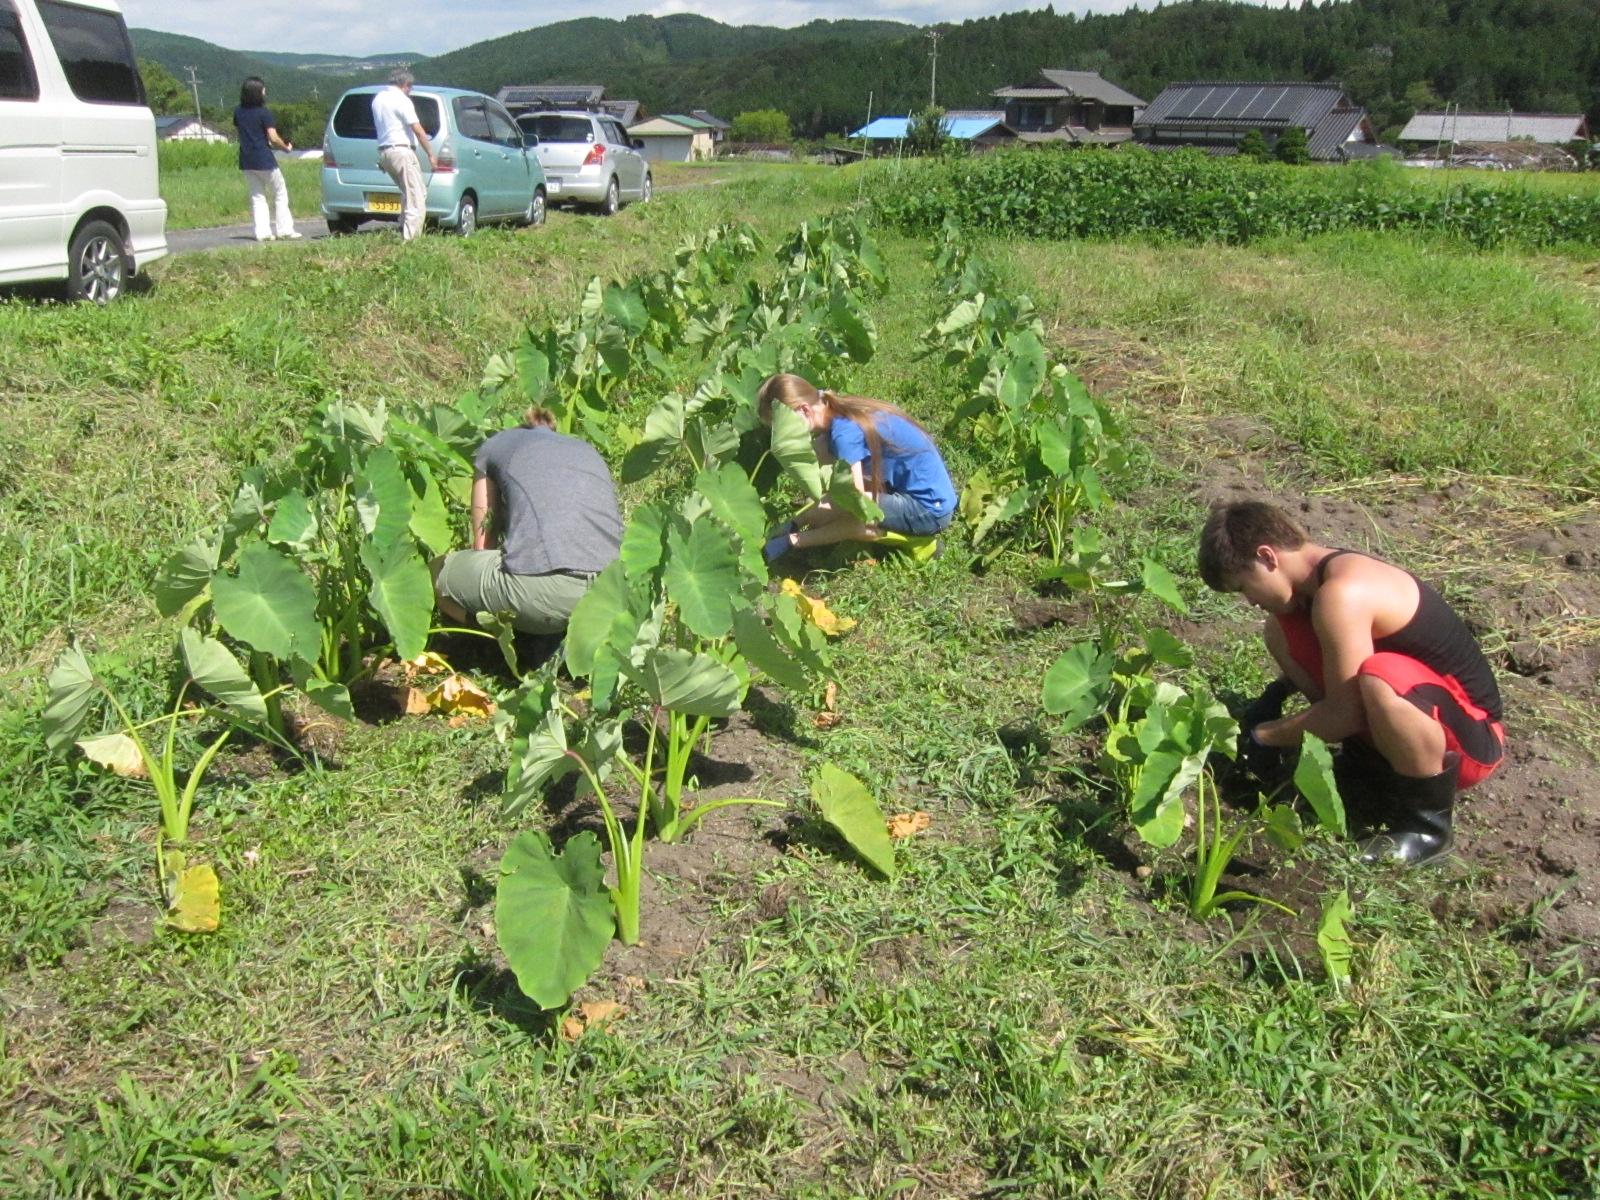 Vegetable Garden Work International Volunteer Project in Ena